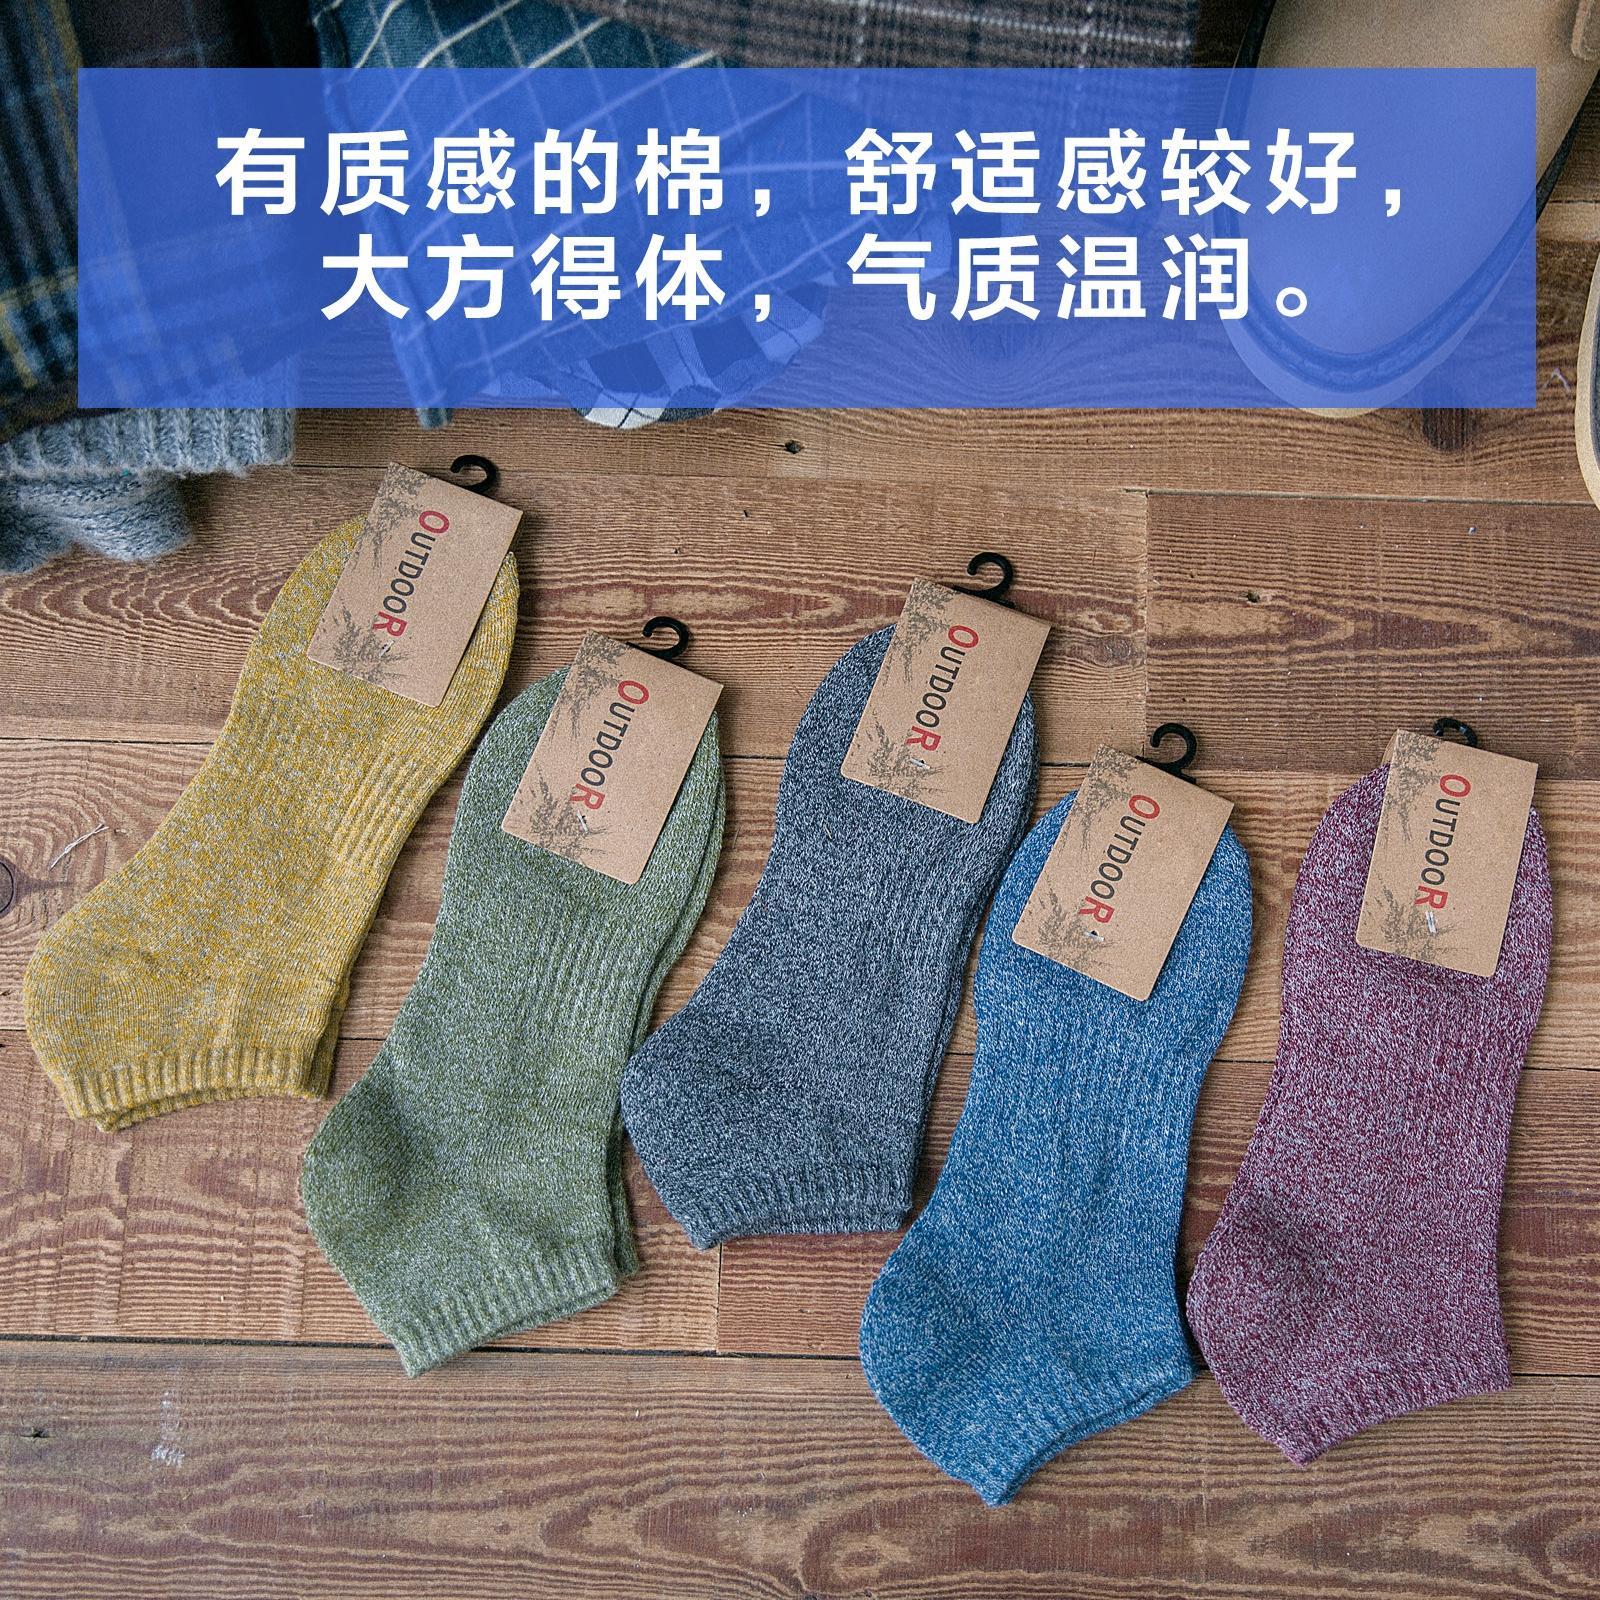 袜子男夏季短袜纯棉防臭四季低帮加厚毛巾袜短筒吸汗运动纯棉船袜